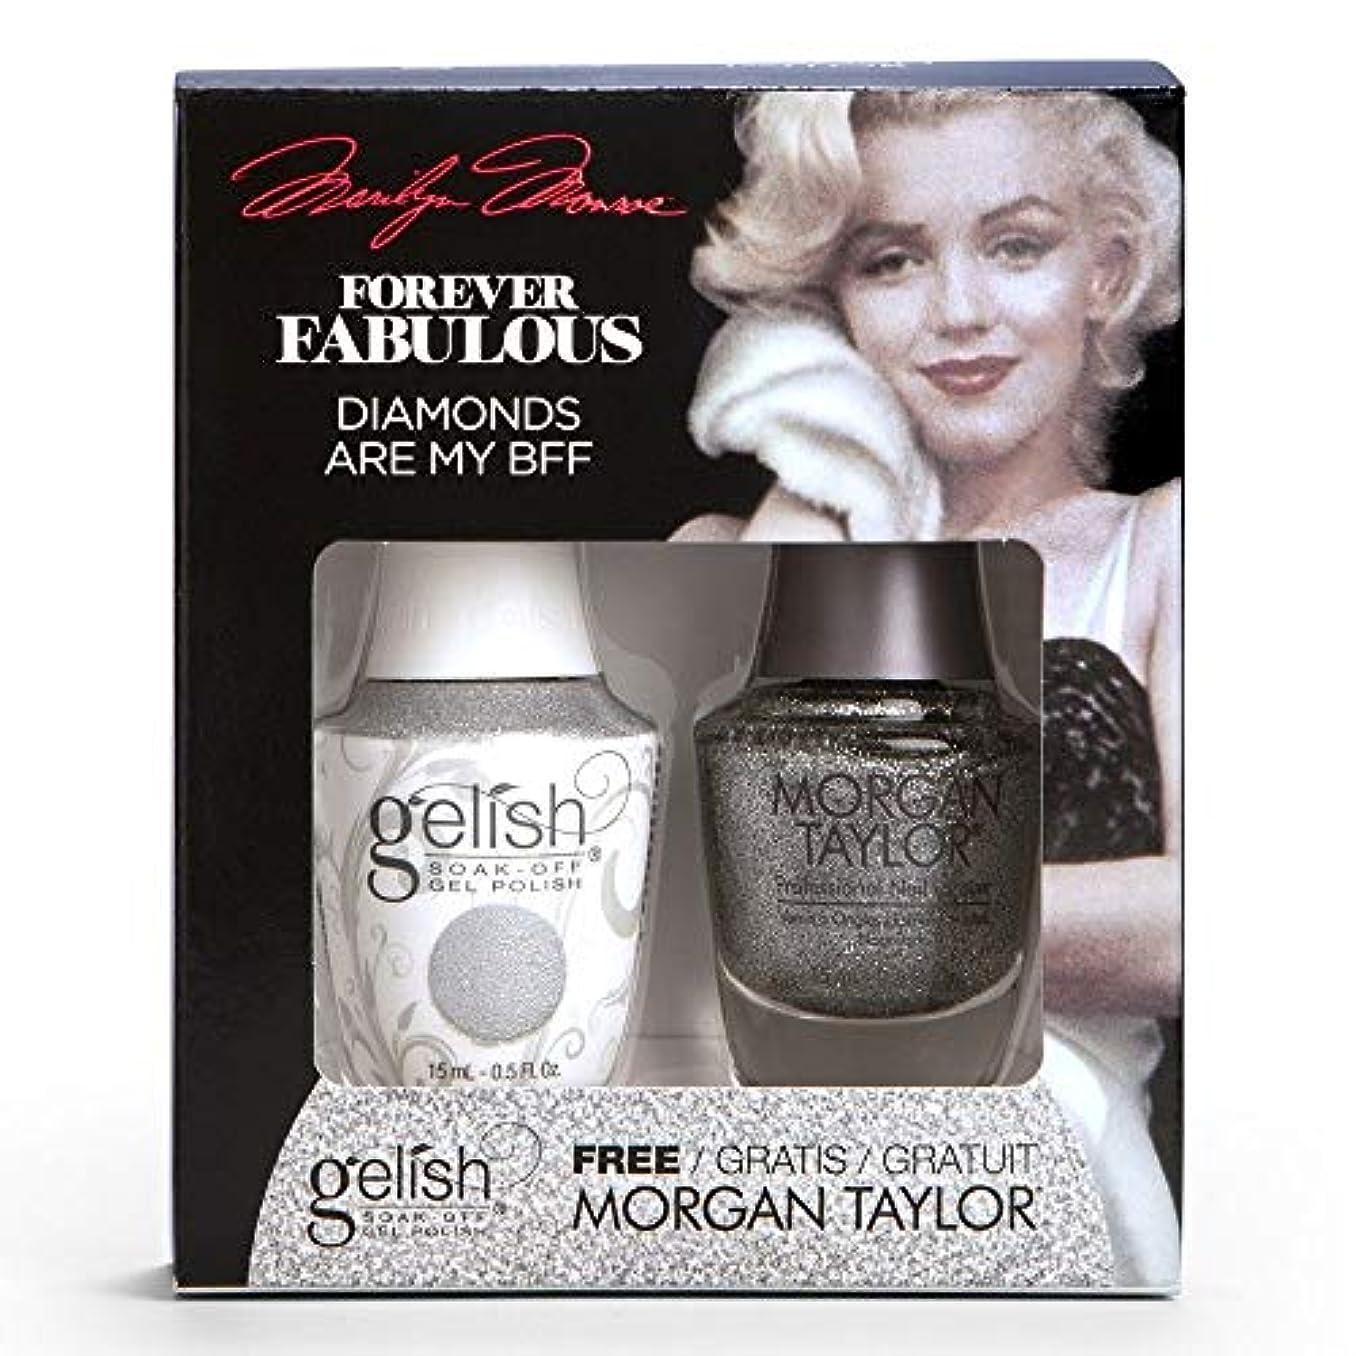 ボンド爆発物覗くHarmony Gelish & Morgan Taylor - Two Of A Kind - Forever Fabulous Marilyn Monroe - Diamonds Are My BFF - 15 mL...